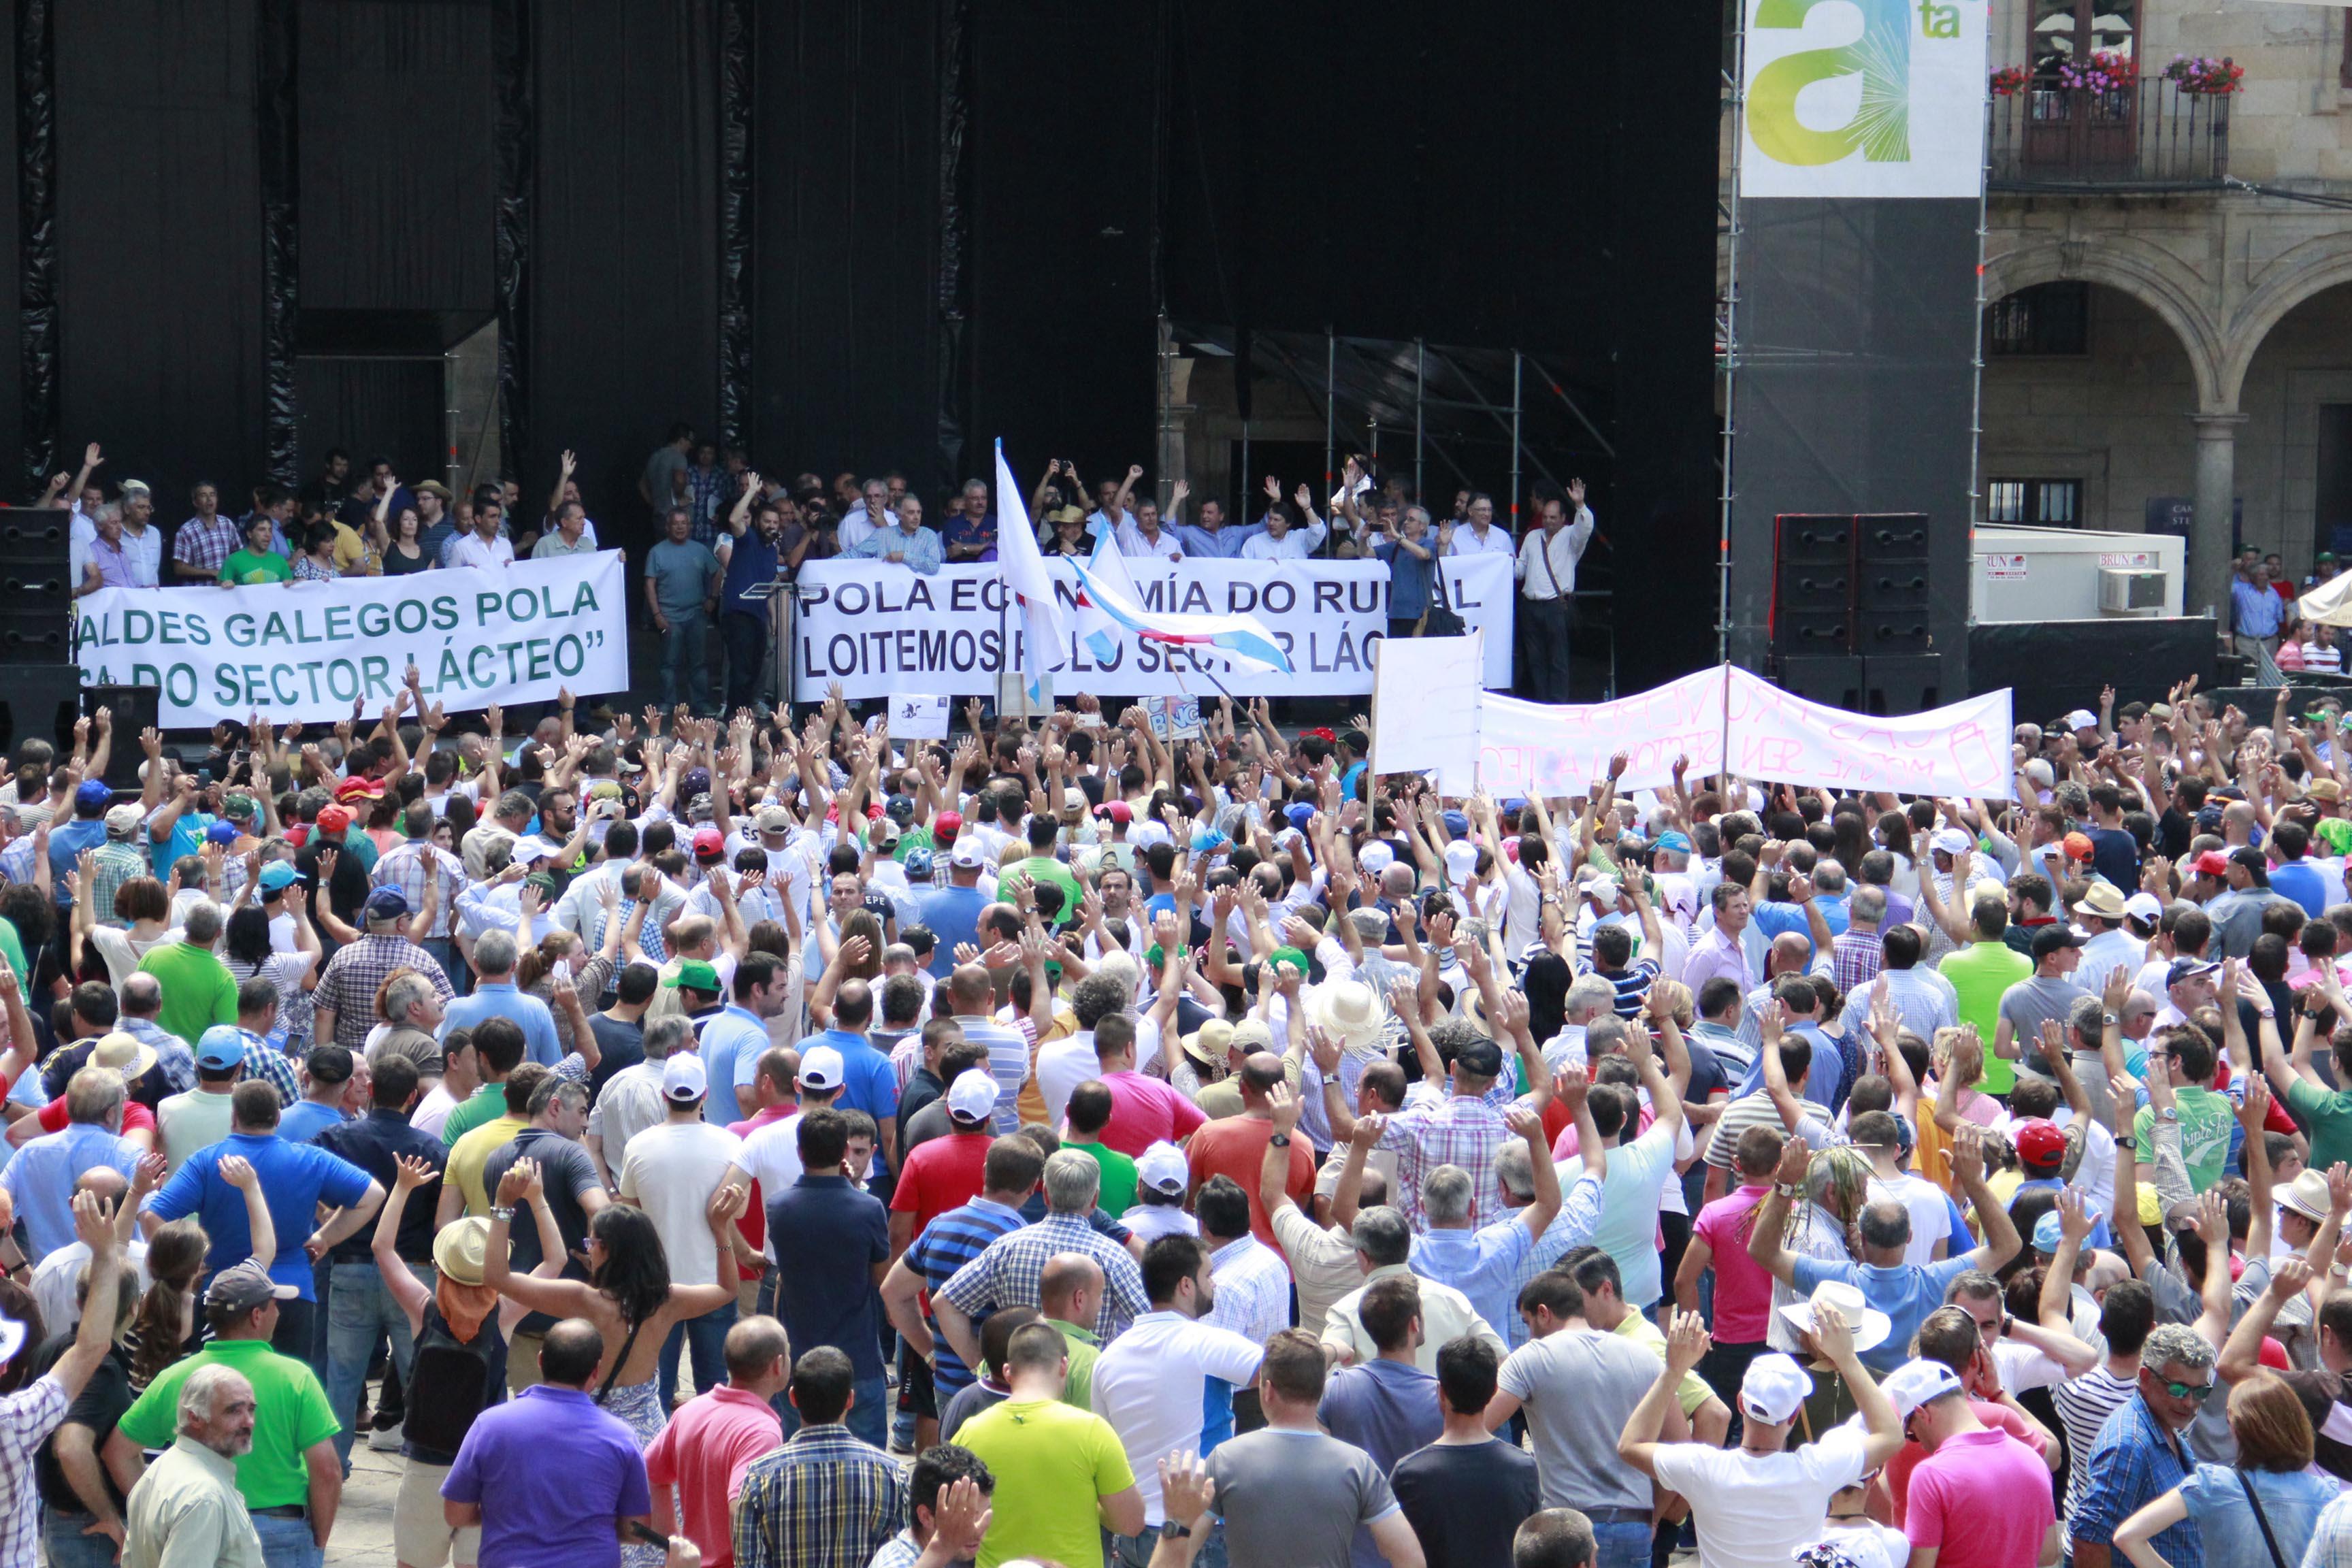 60 cooperativas gandeiras de AGACA participaron na manifestación do sector lácteo